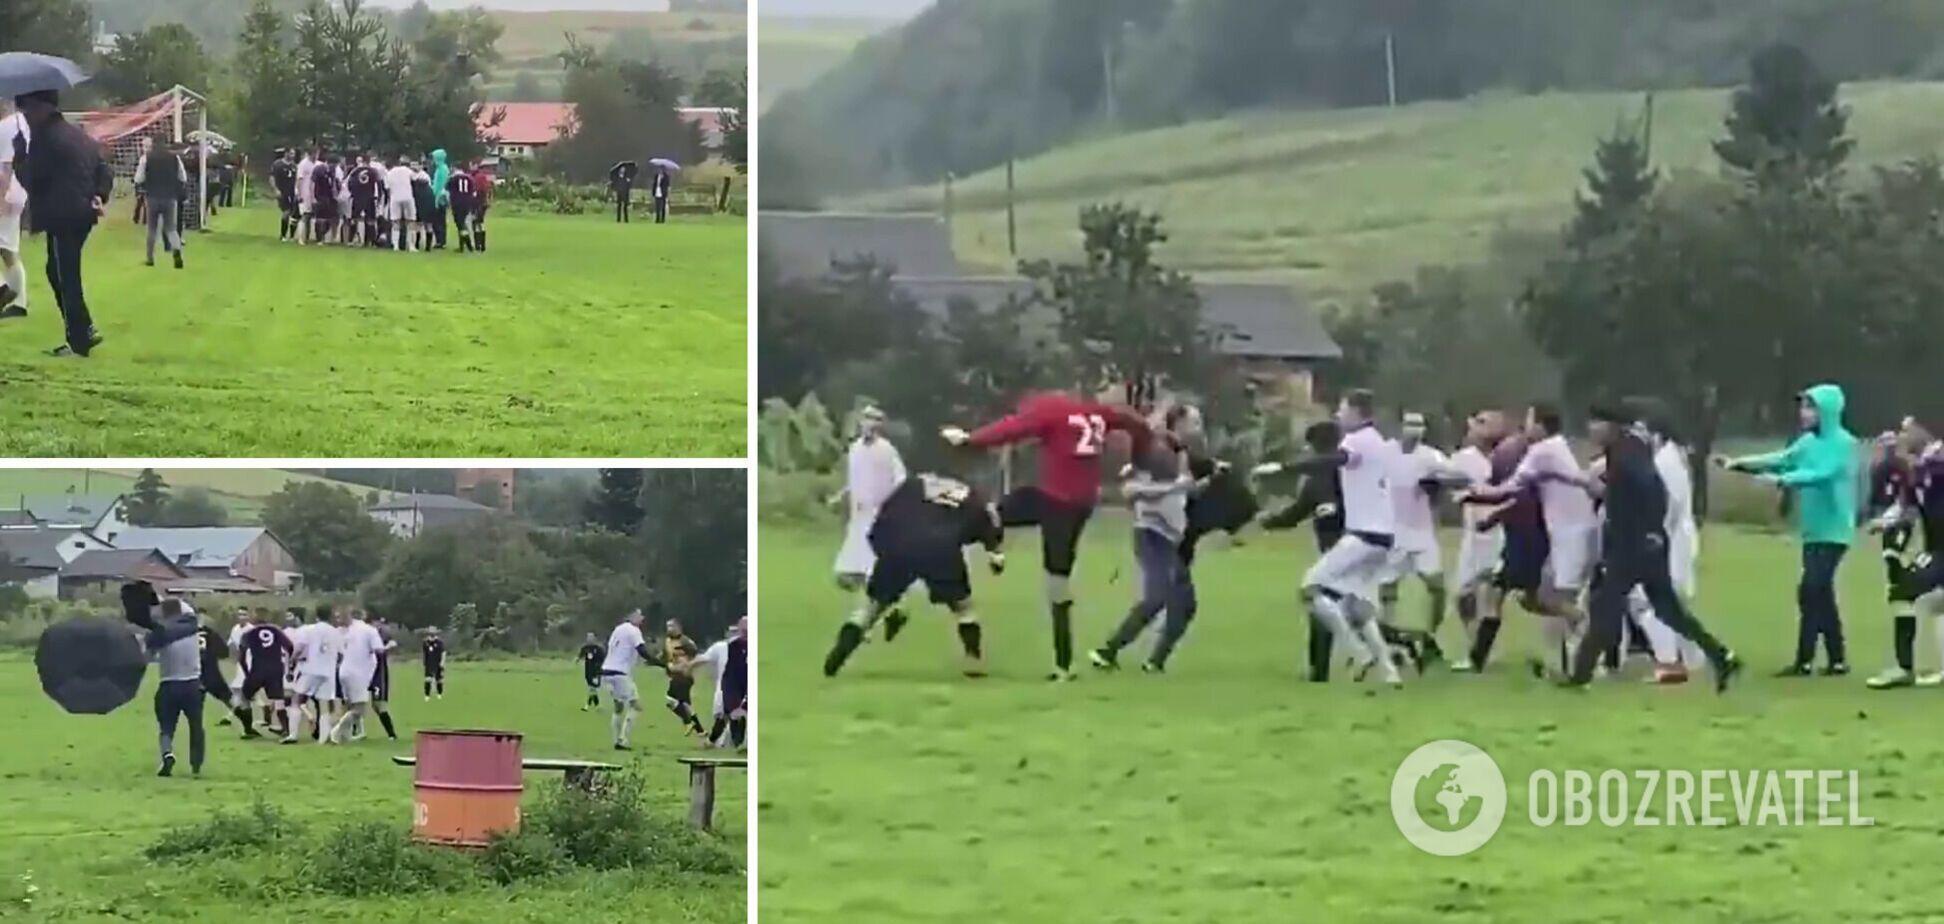 На Львовщине футболисты устроили массовую драку, в которой участвовали судья и зрители. Видео